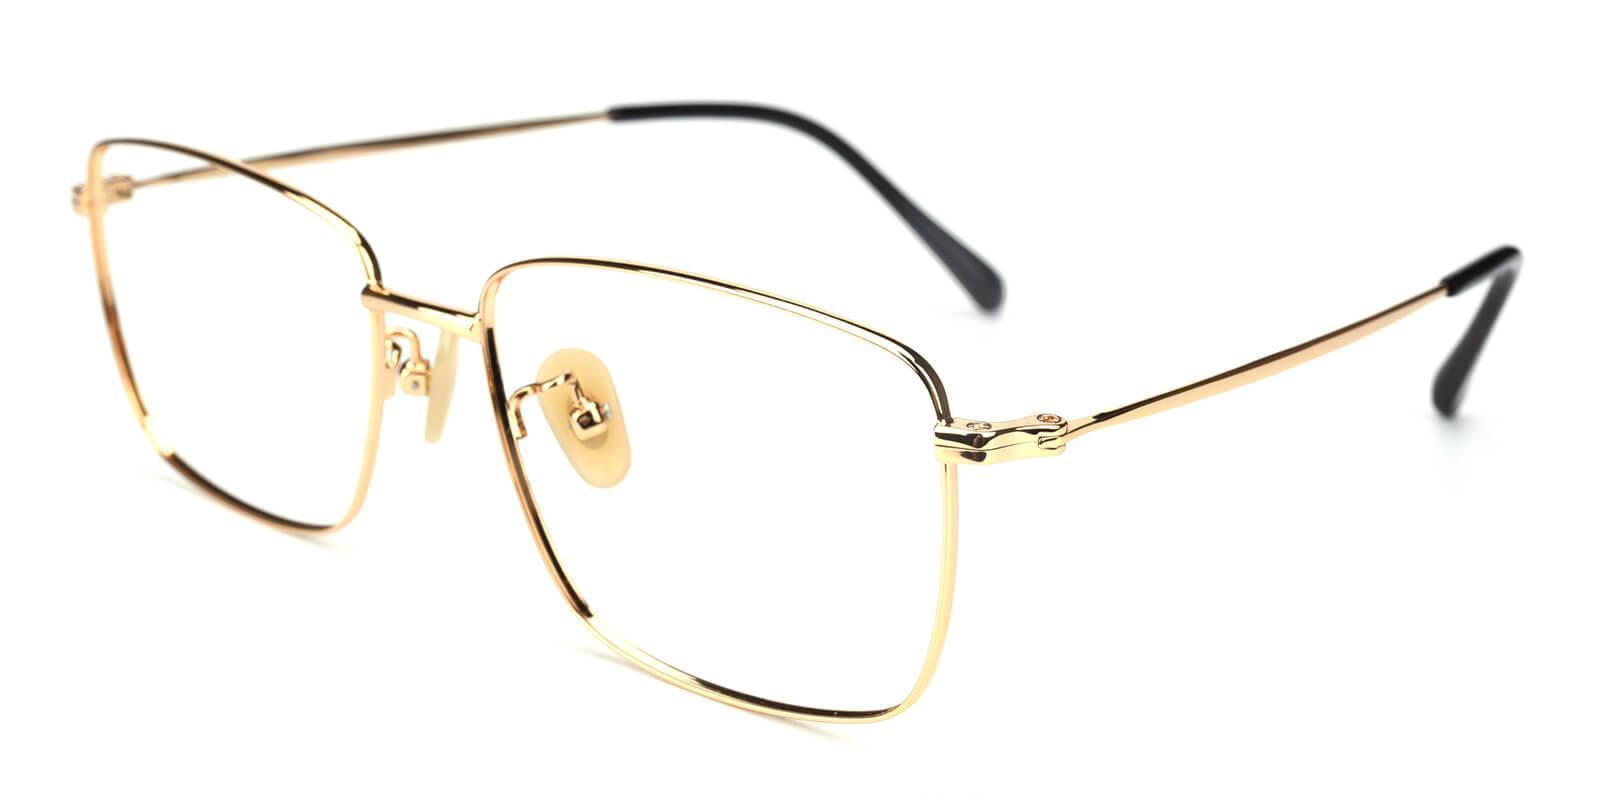 Pensieve-Gold-Square-Titanium-Eyeglasses-additional1